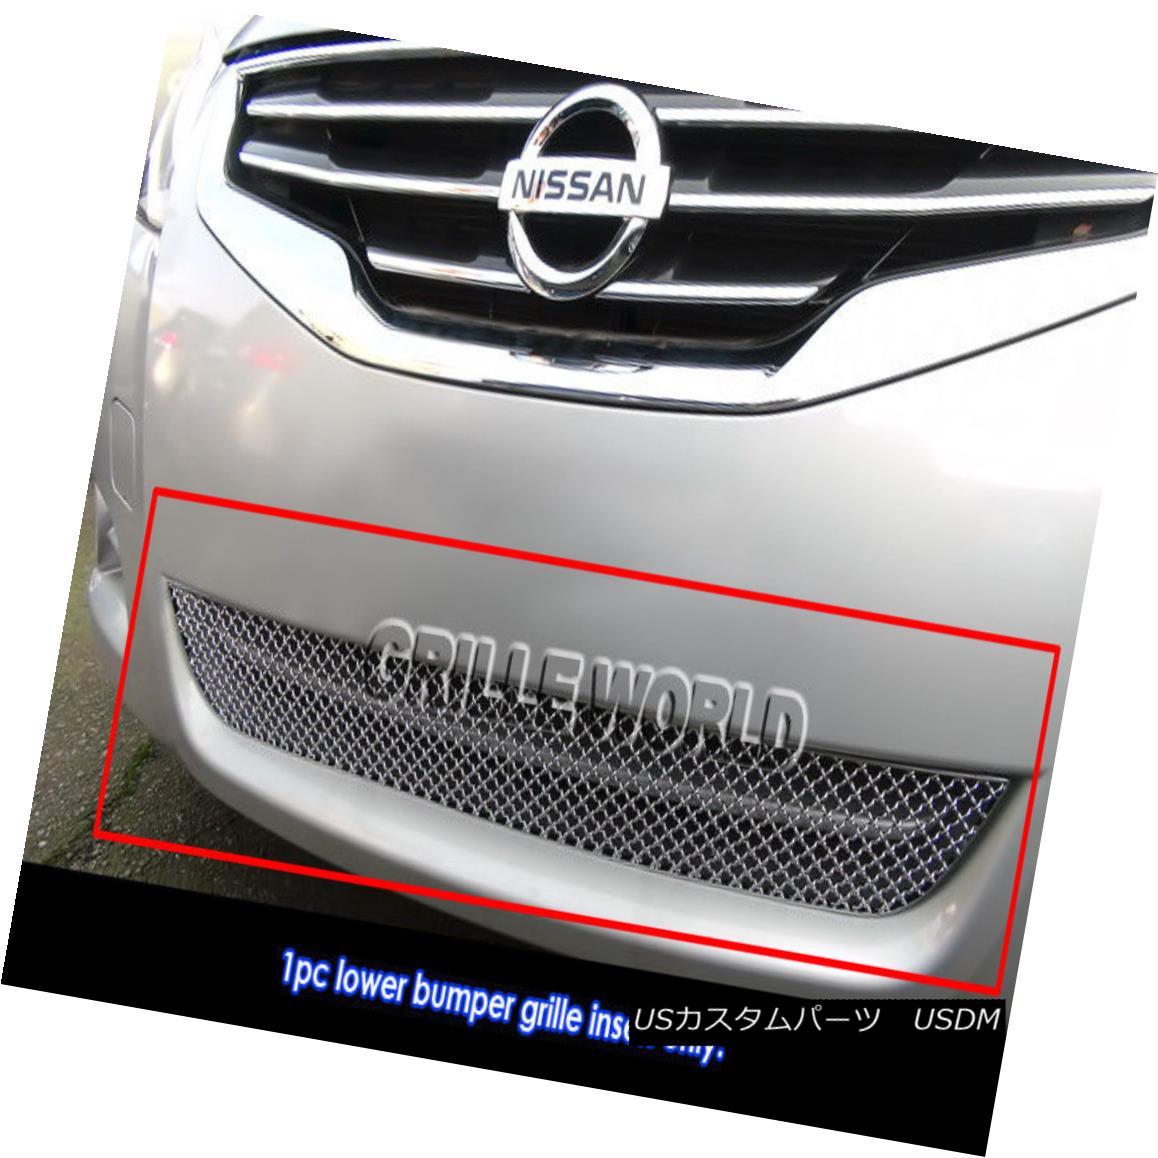 グリル Fits 2010-2012 Nissan Altima Sedan Bumper X-mesh Grille Insert フィット2010-2012日産アルティマセダンバンパーXメッシュグリルインサート